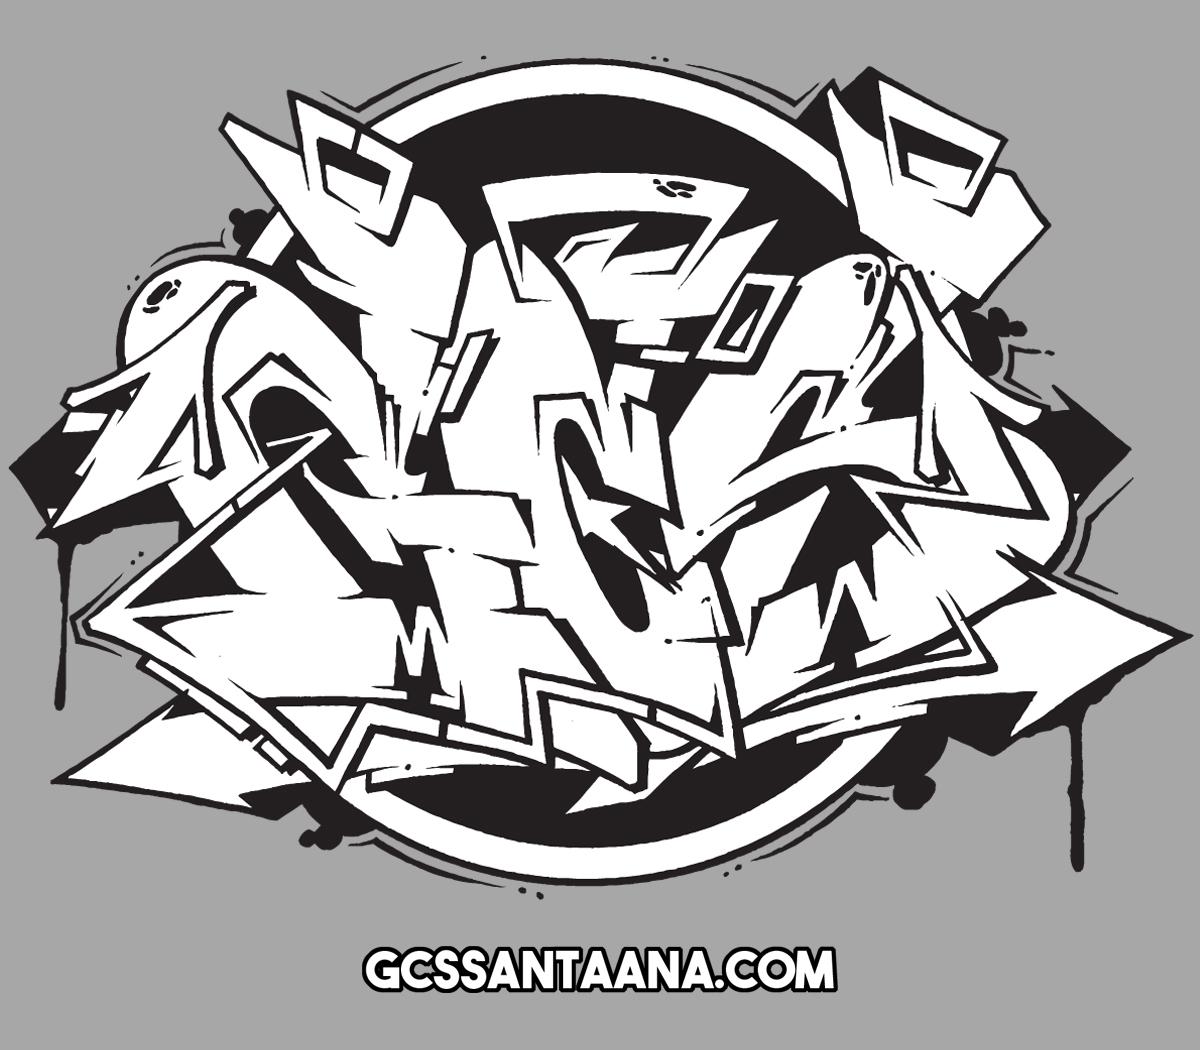 GCS graffiti